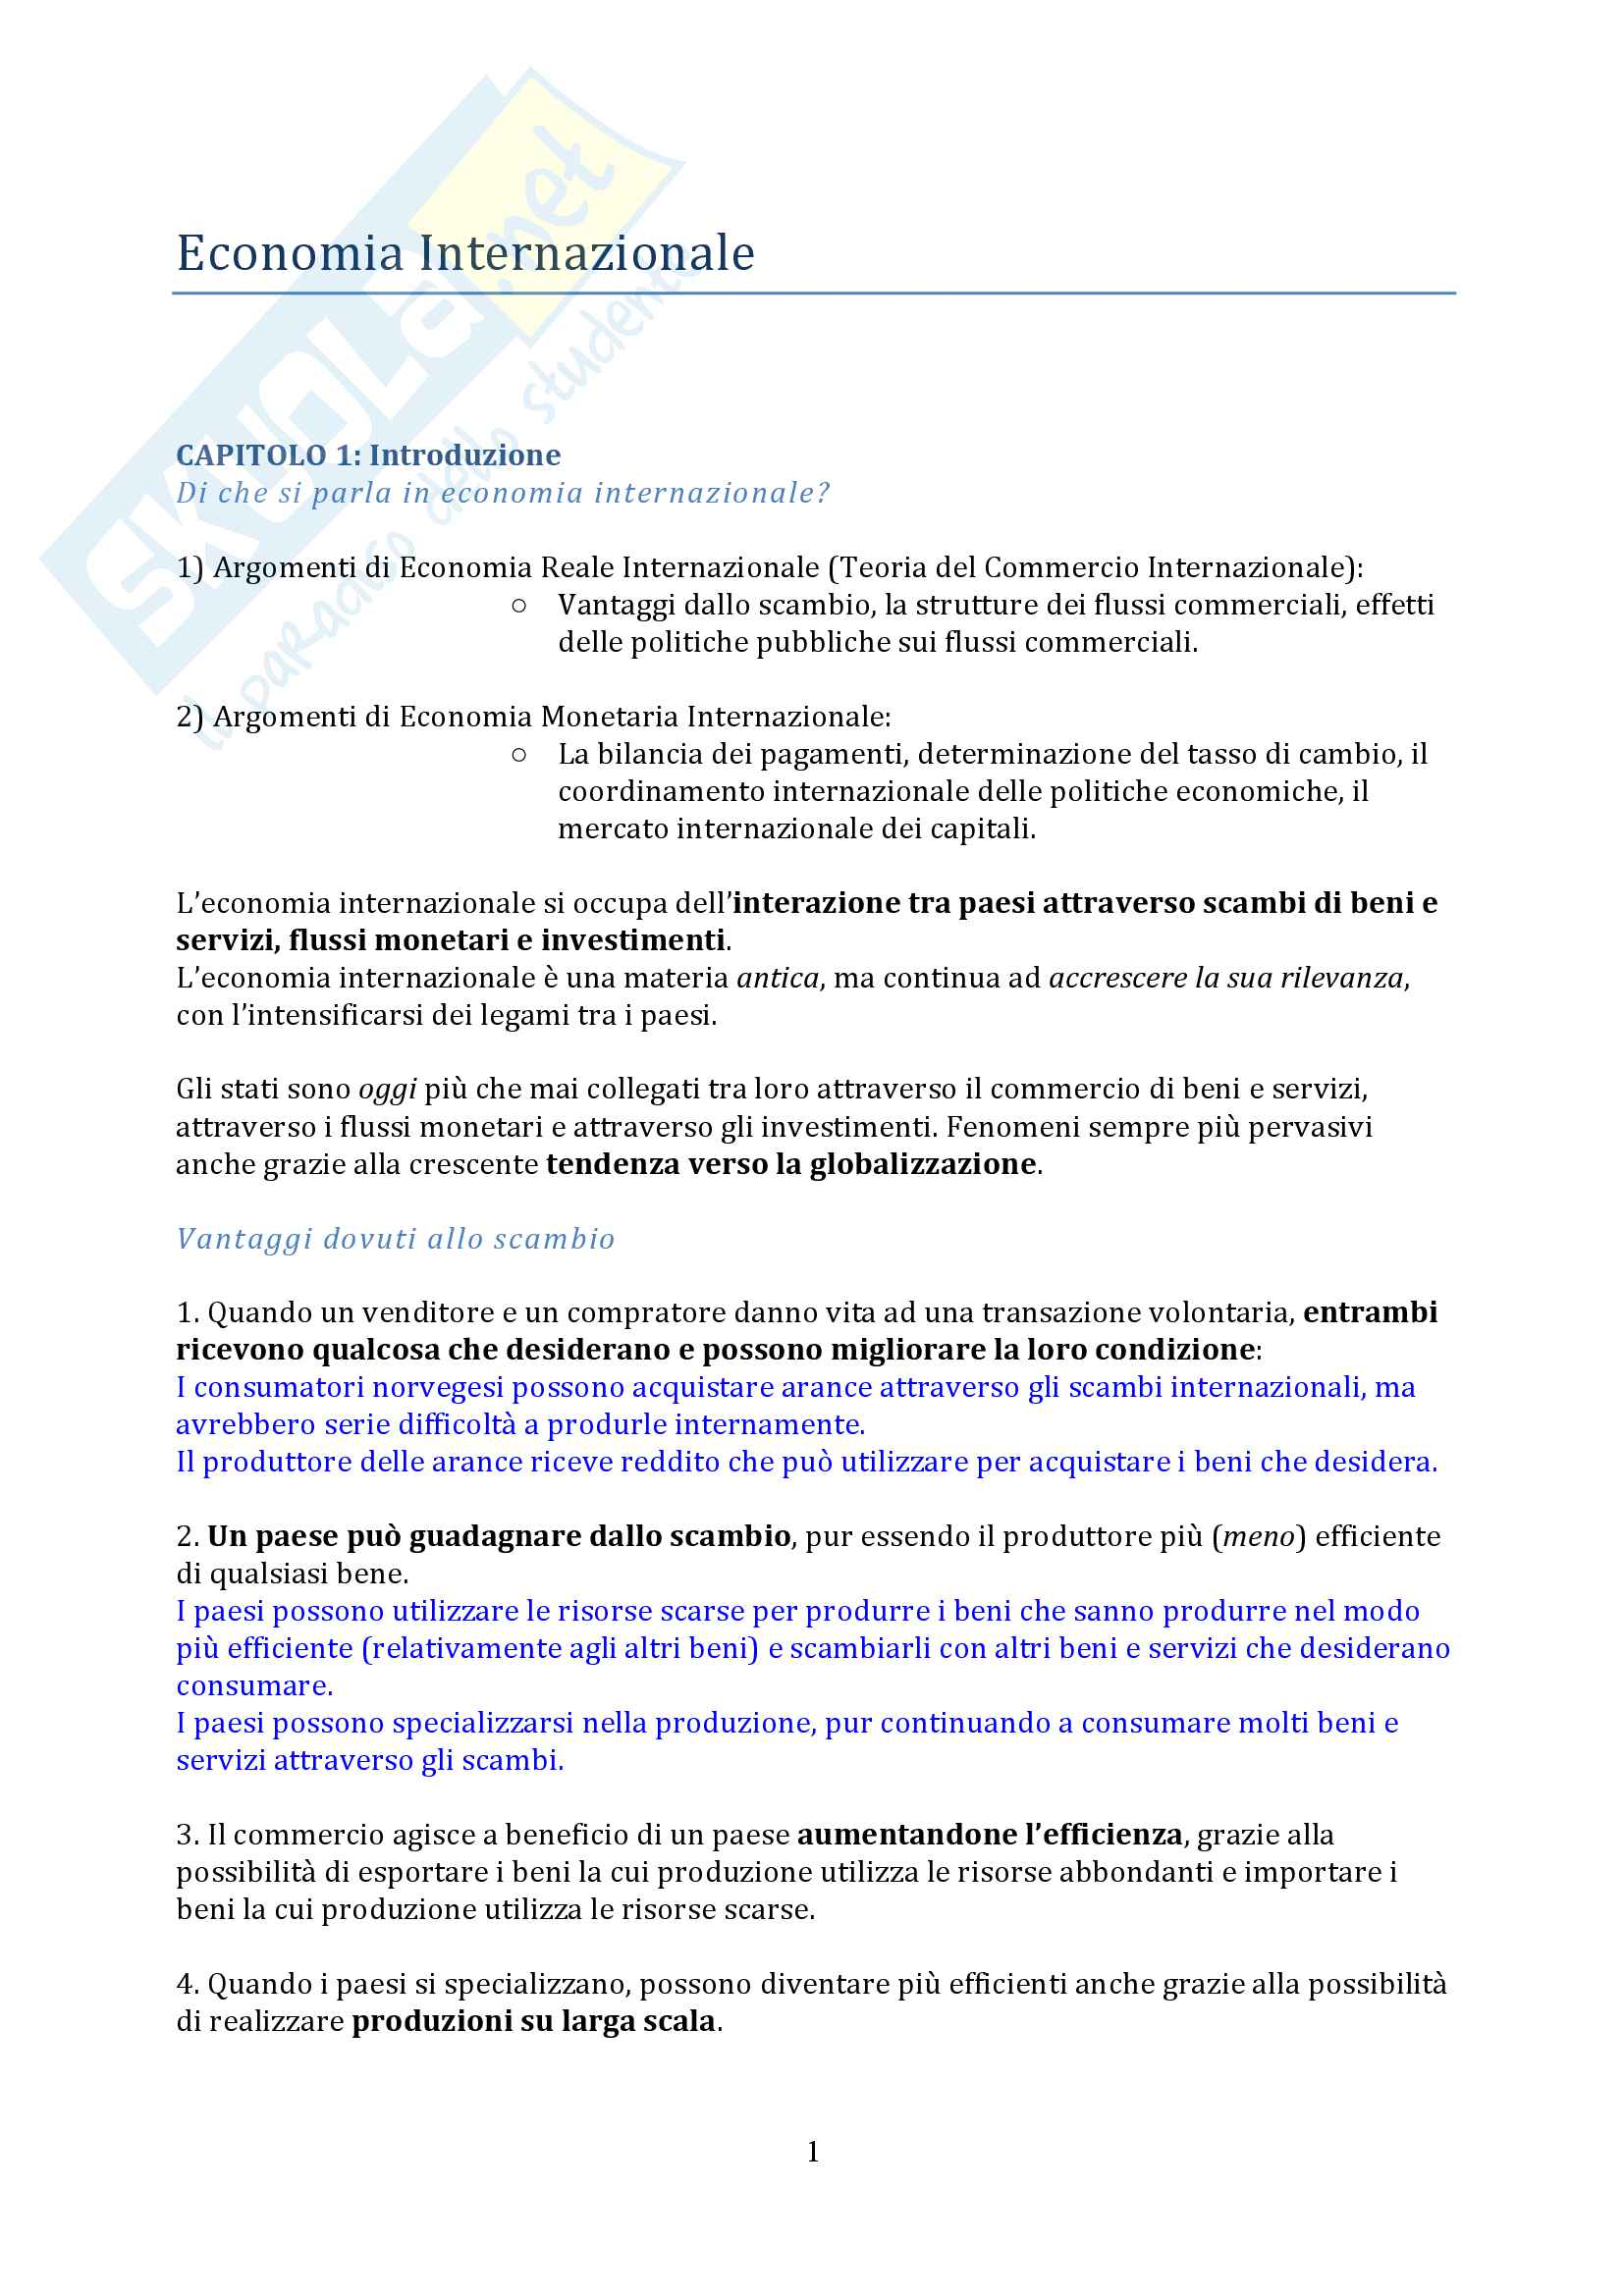 Appunti di Economia Internazionale